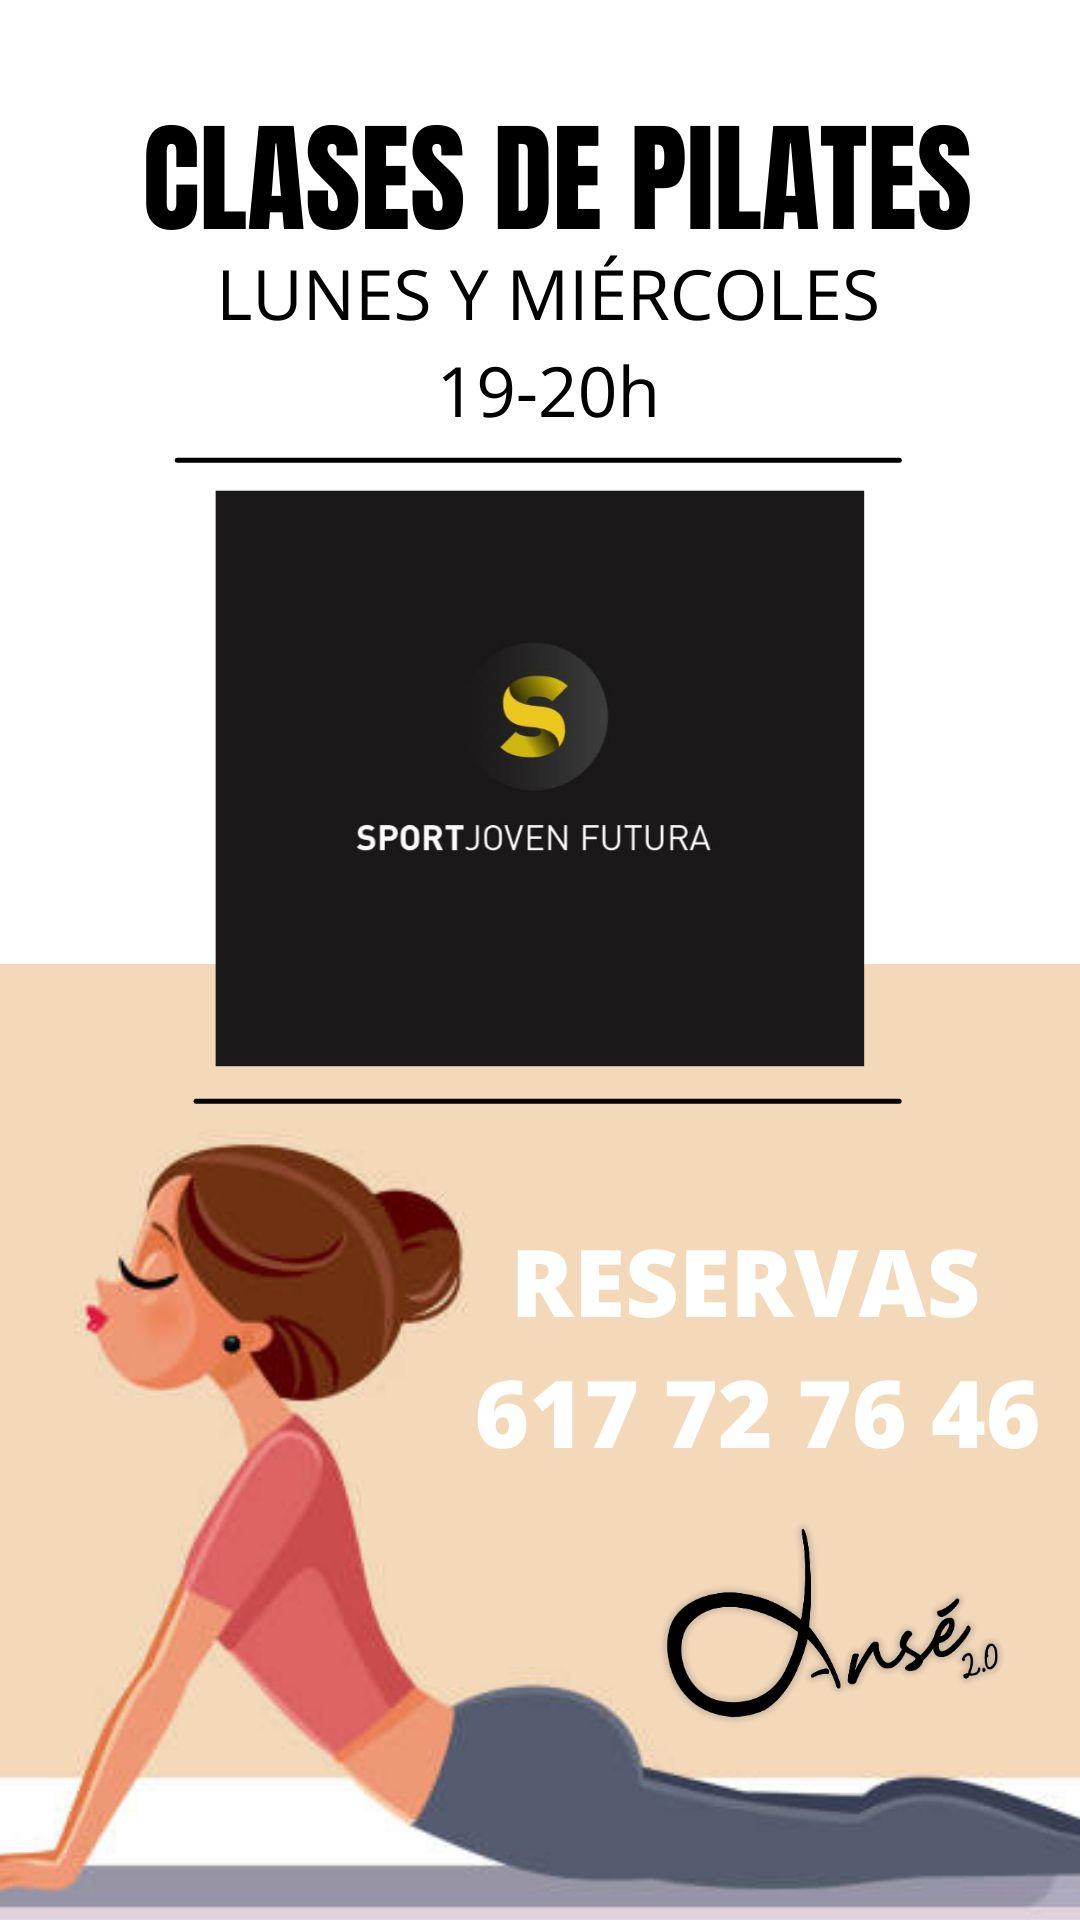 2021-01-26 Cartel Pilates Web Sport Joven Futura